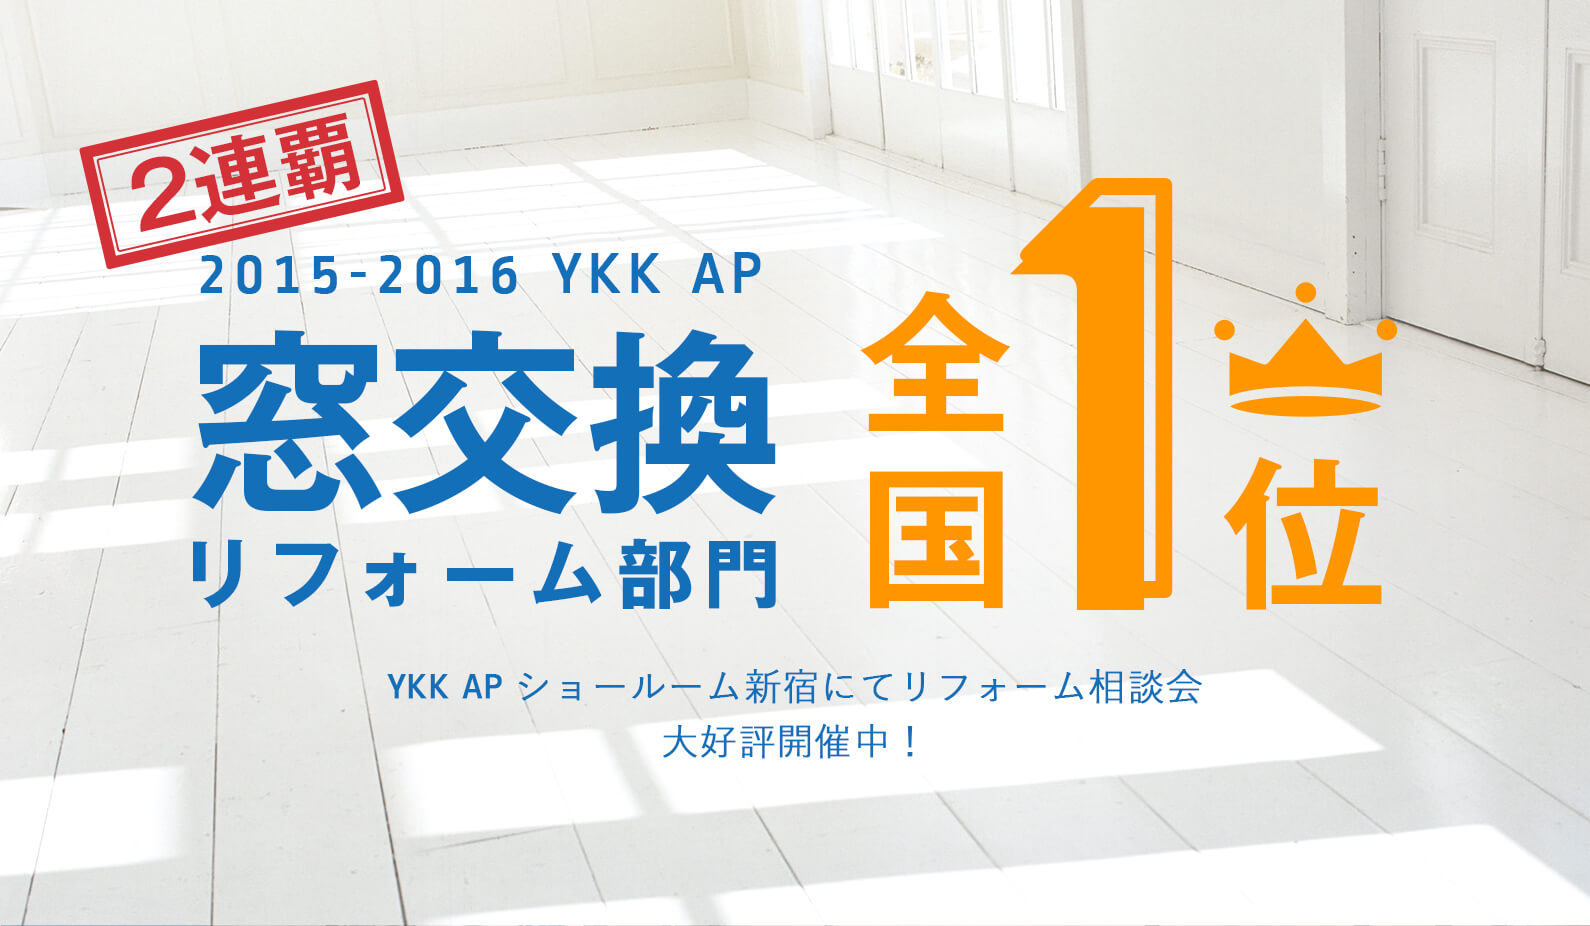 2015年・2016年 YAA AP 窓交換リフォーム部門 全国1位 2連覇達成!